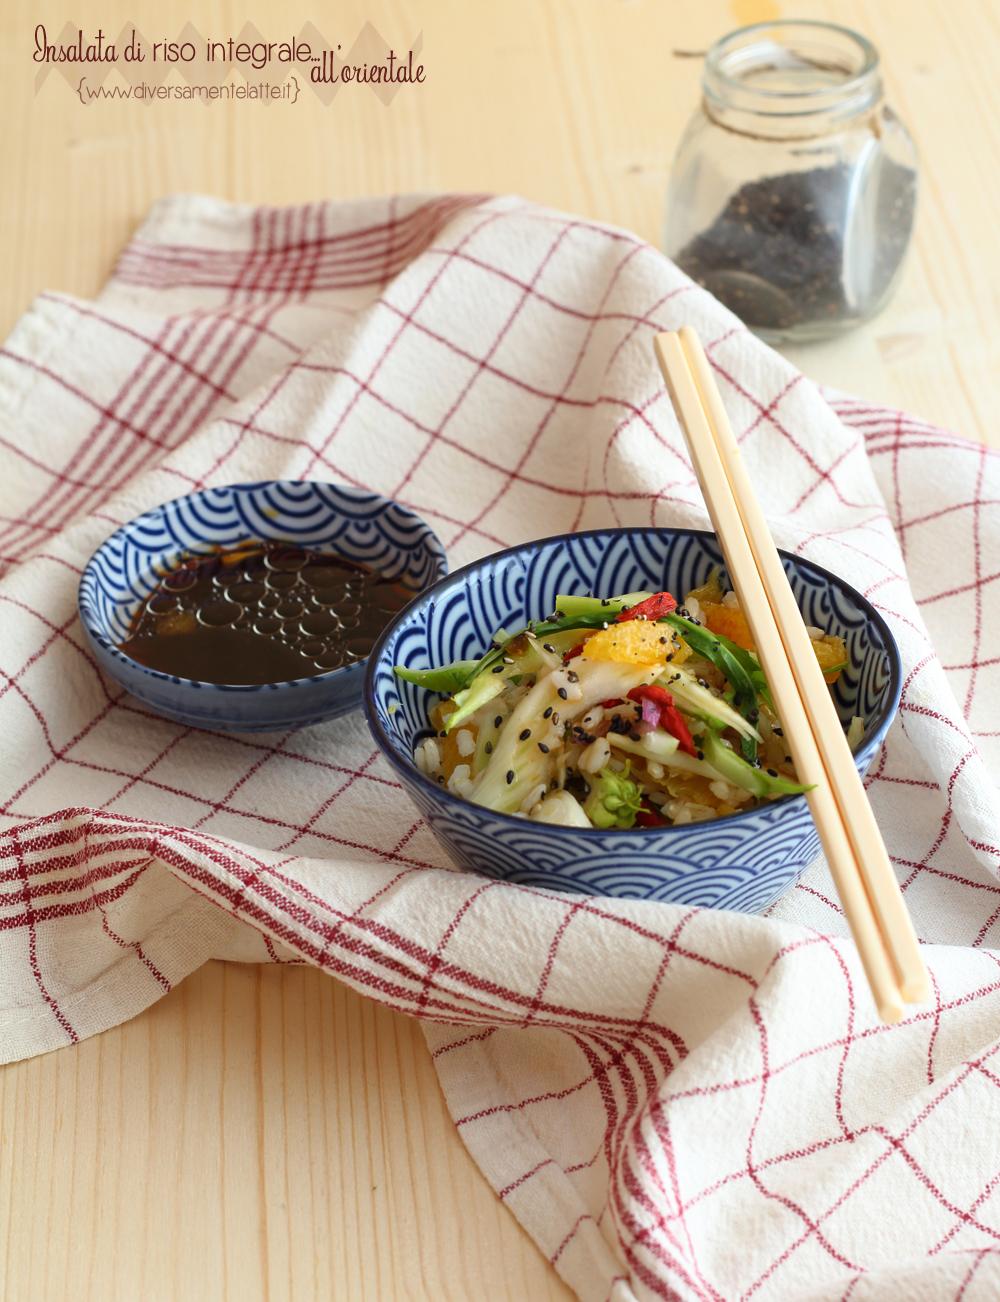 insalata di riso integrale